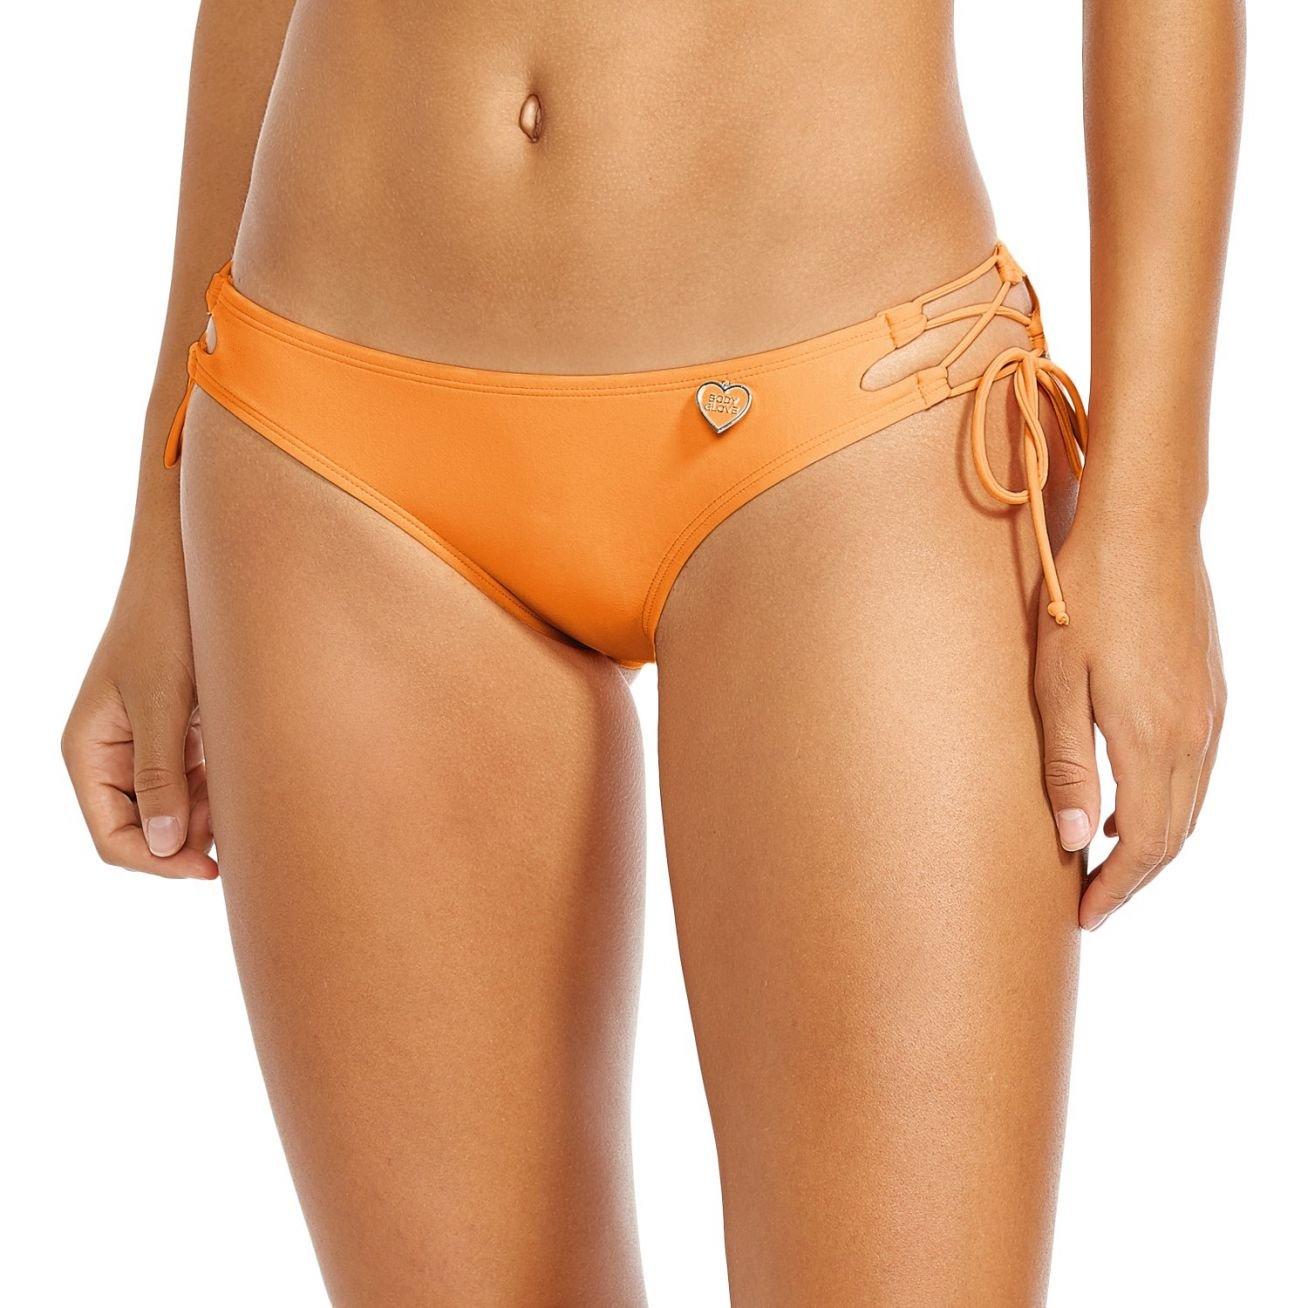 Body Glove Women's Smoothies Tie Side MIA Bottoms Mango X-Small